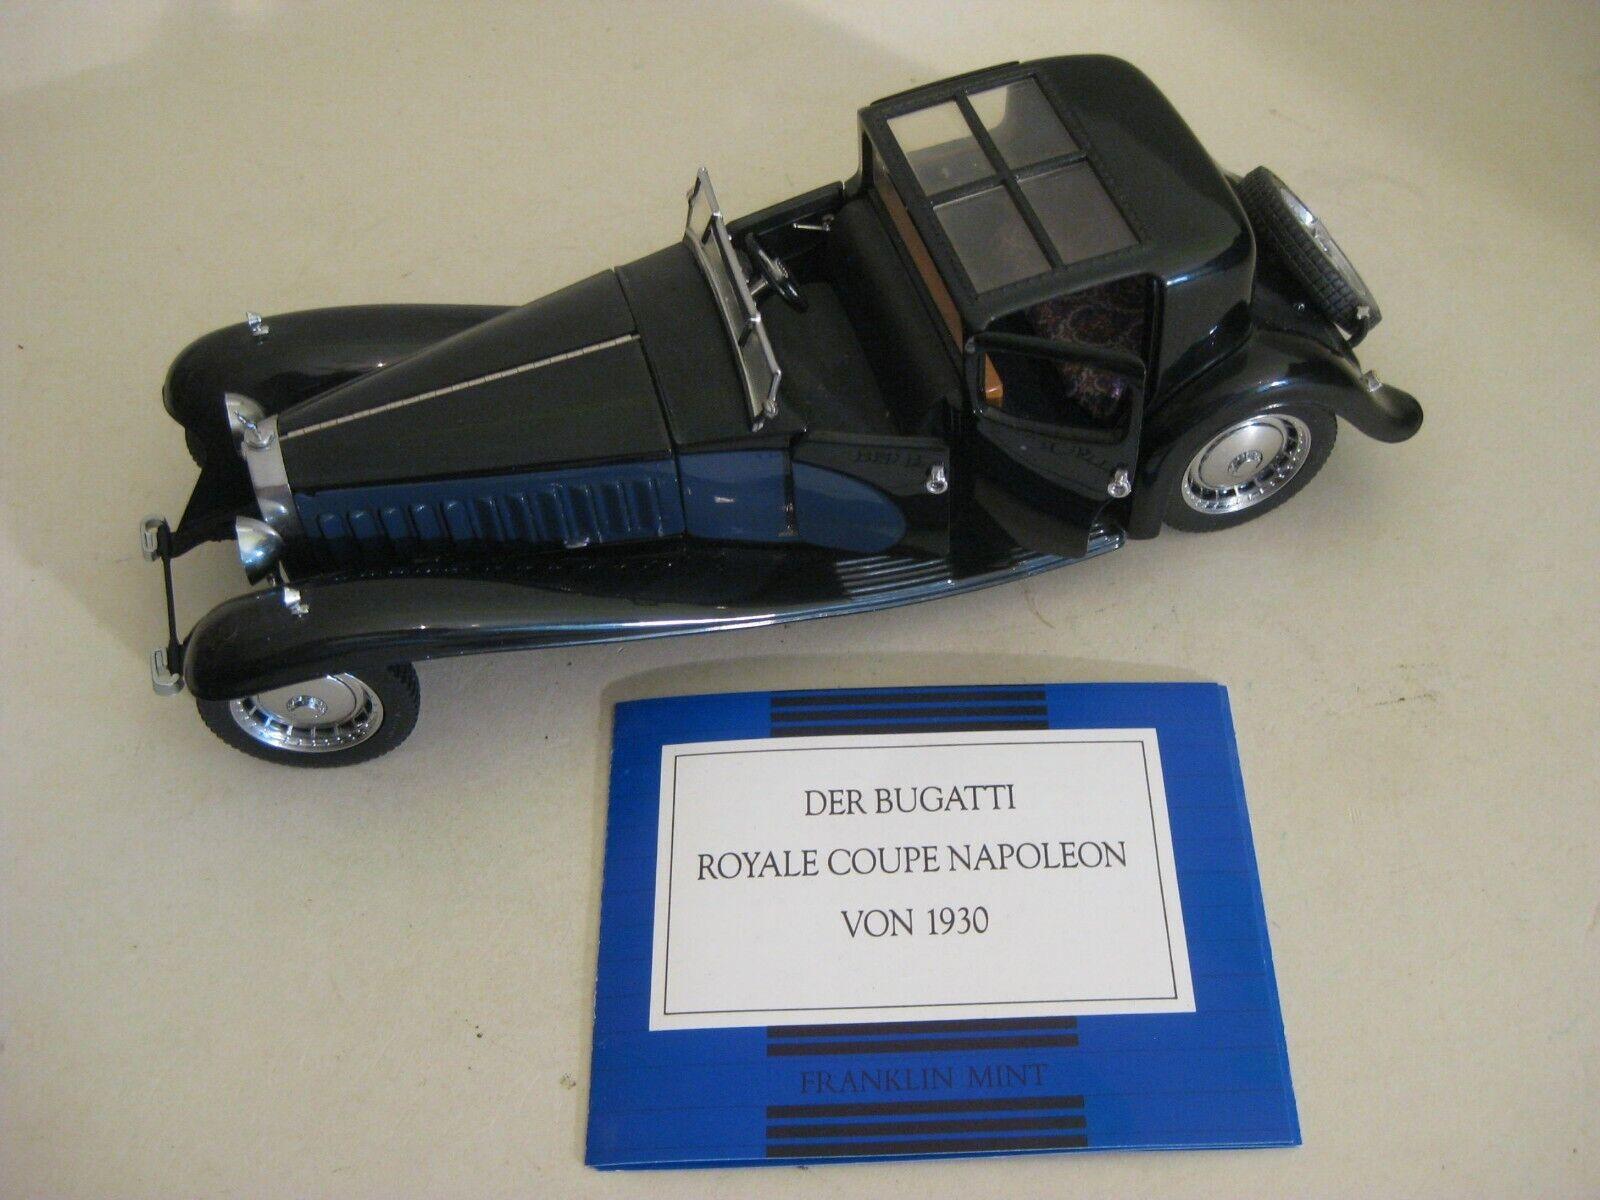 Franklin Mint Model Bugatti Royale Coupe Napoleon von 1930